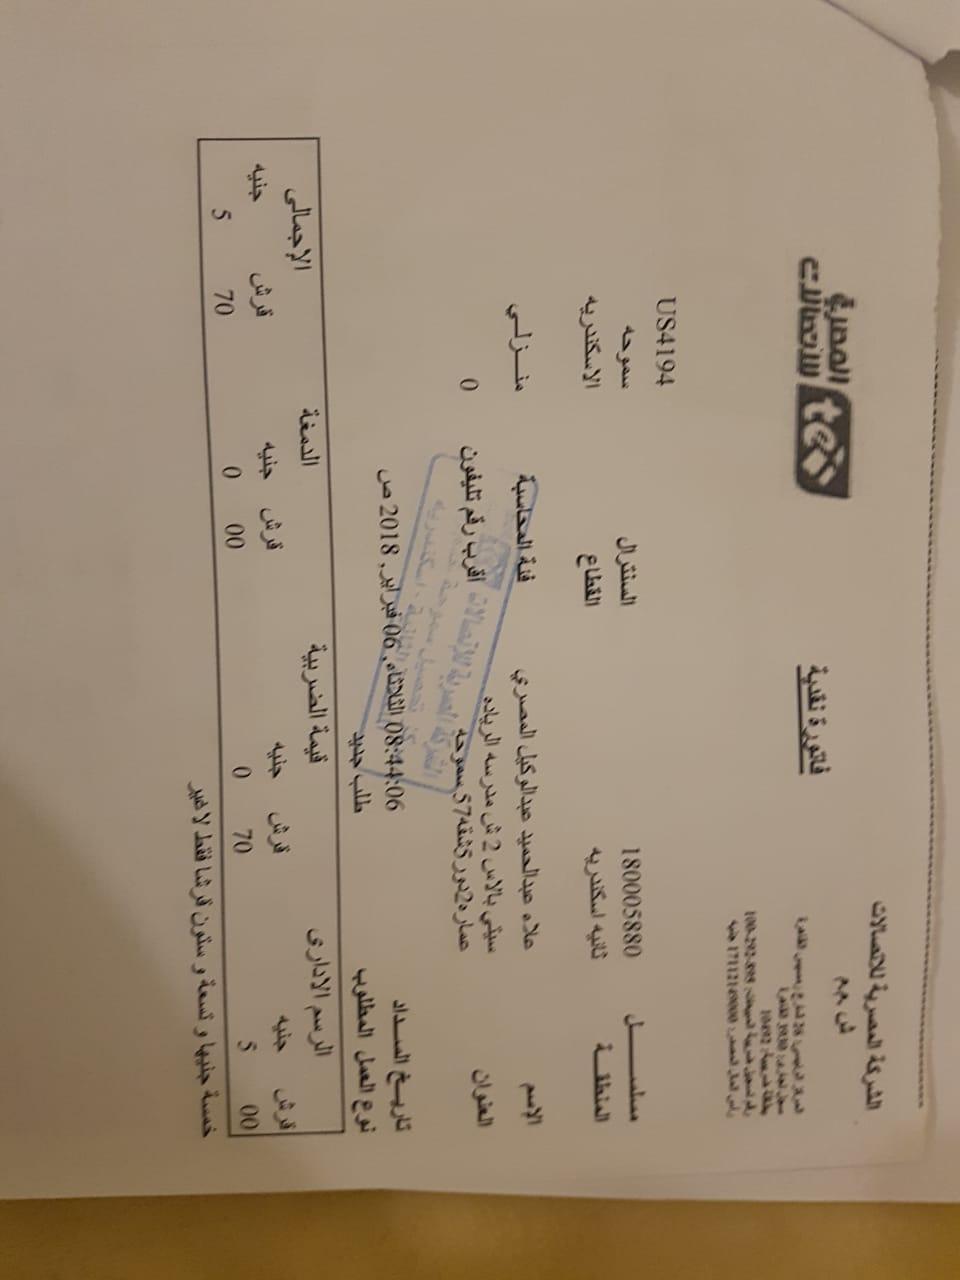 أزمة مشروع سيتي بالاس بالإسكندرية (10)